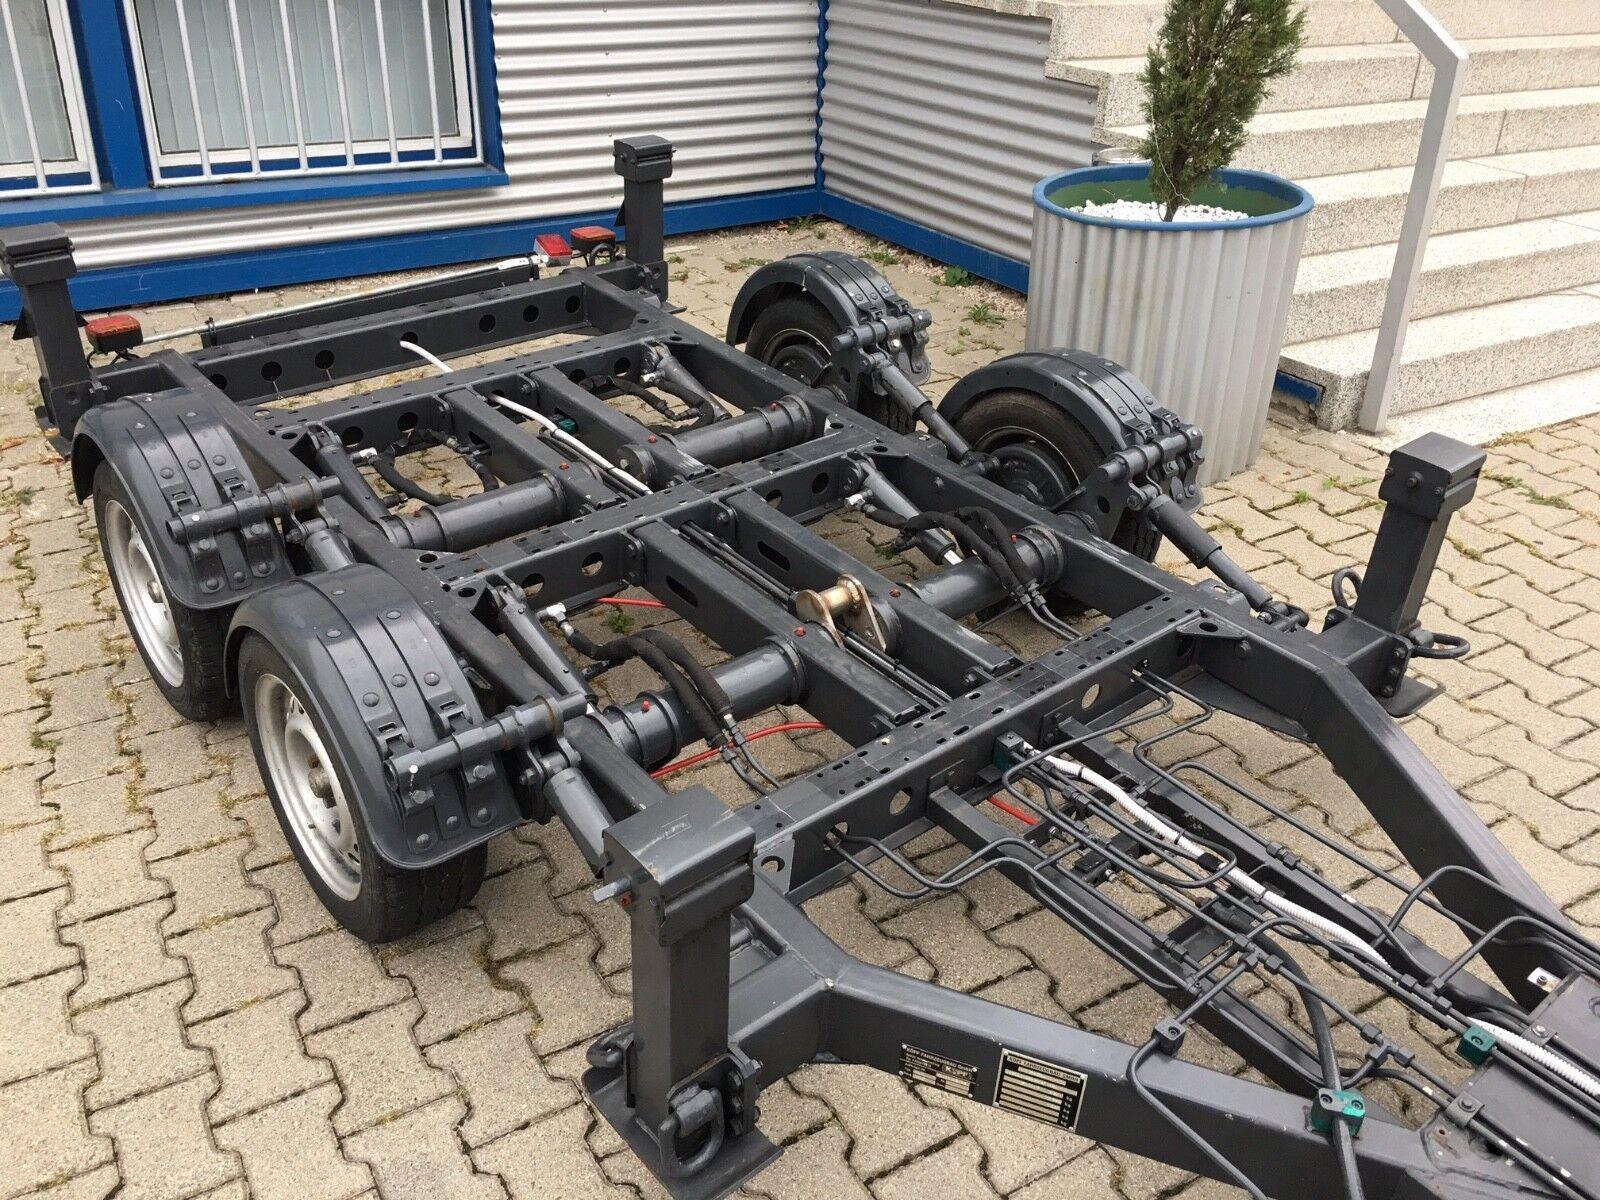 PKW Absetzanhänger mit Fahrgestell Tieflader mit Pendelachse, Anhänger 3,5 t